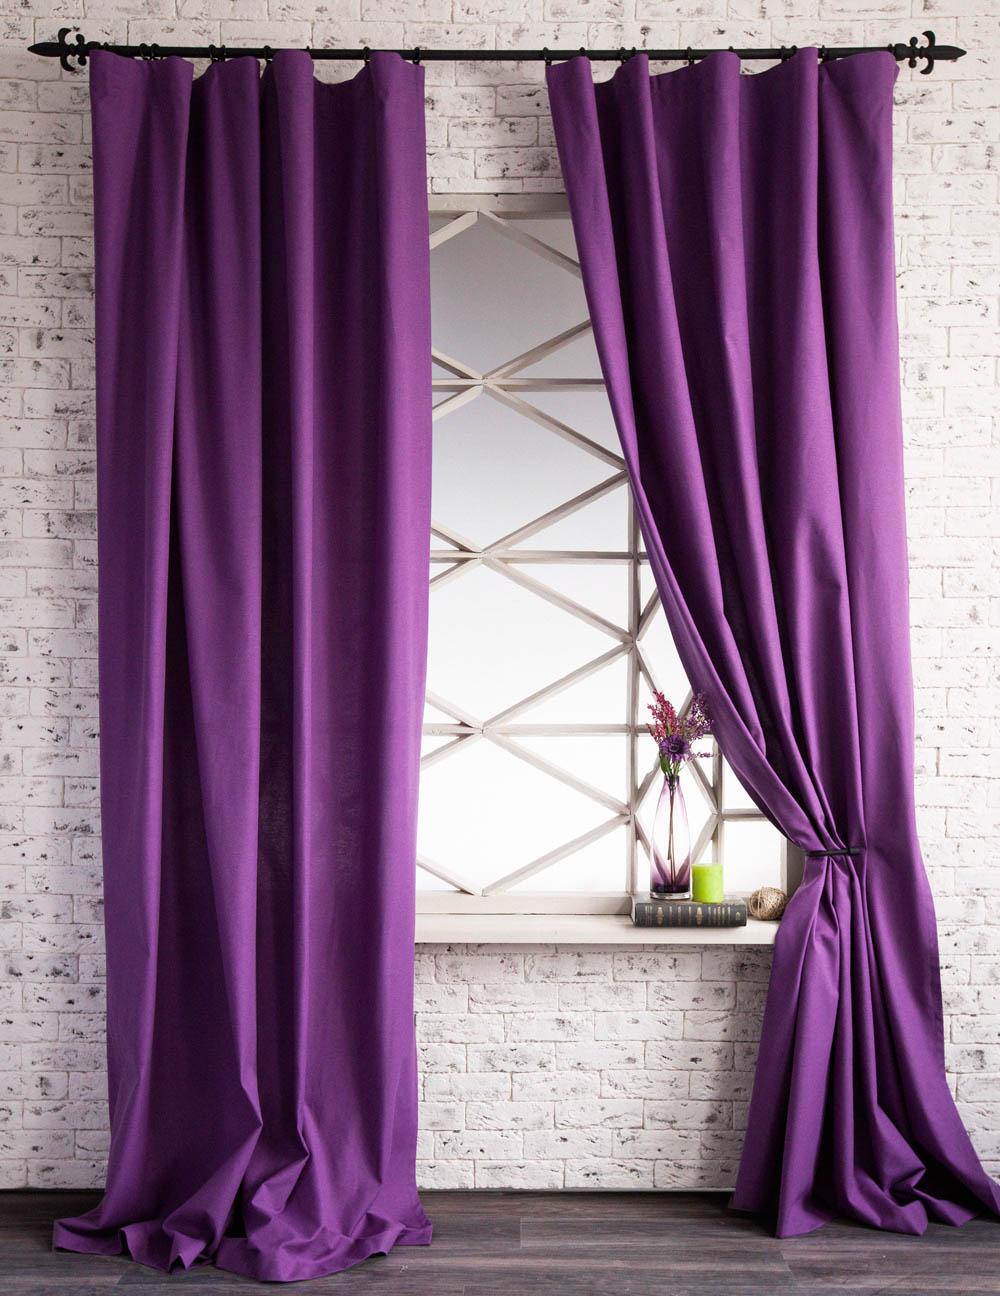 Купить Шторы PASIONARIA, Классические шторы Daye Цвет: Фиолетовый, Россия, Портьерная ткань